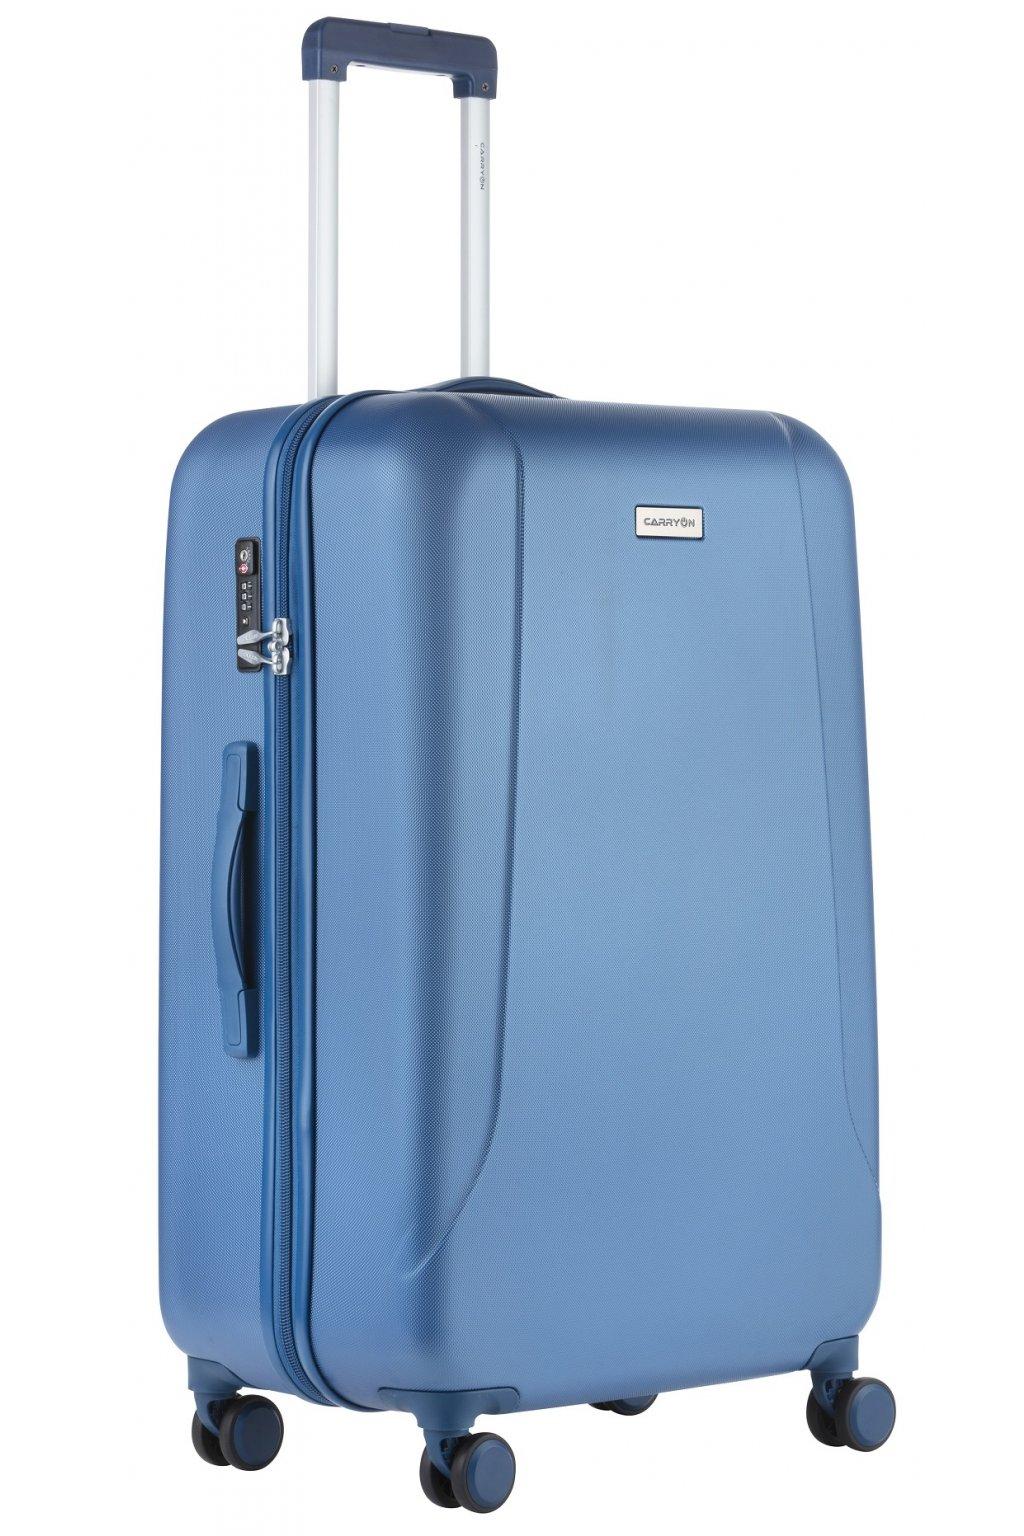 kufrland carryon skyhopper blue (10)